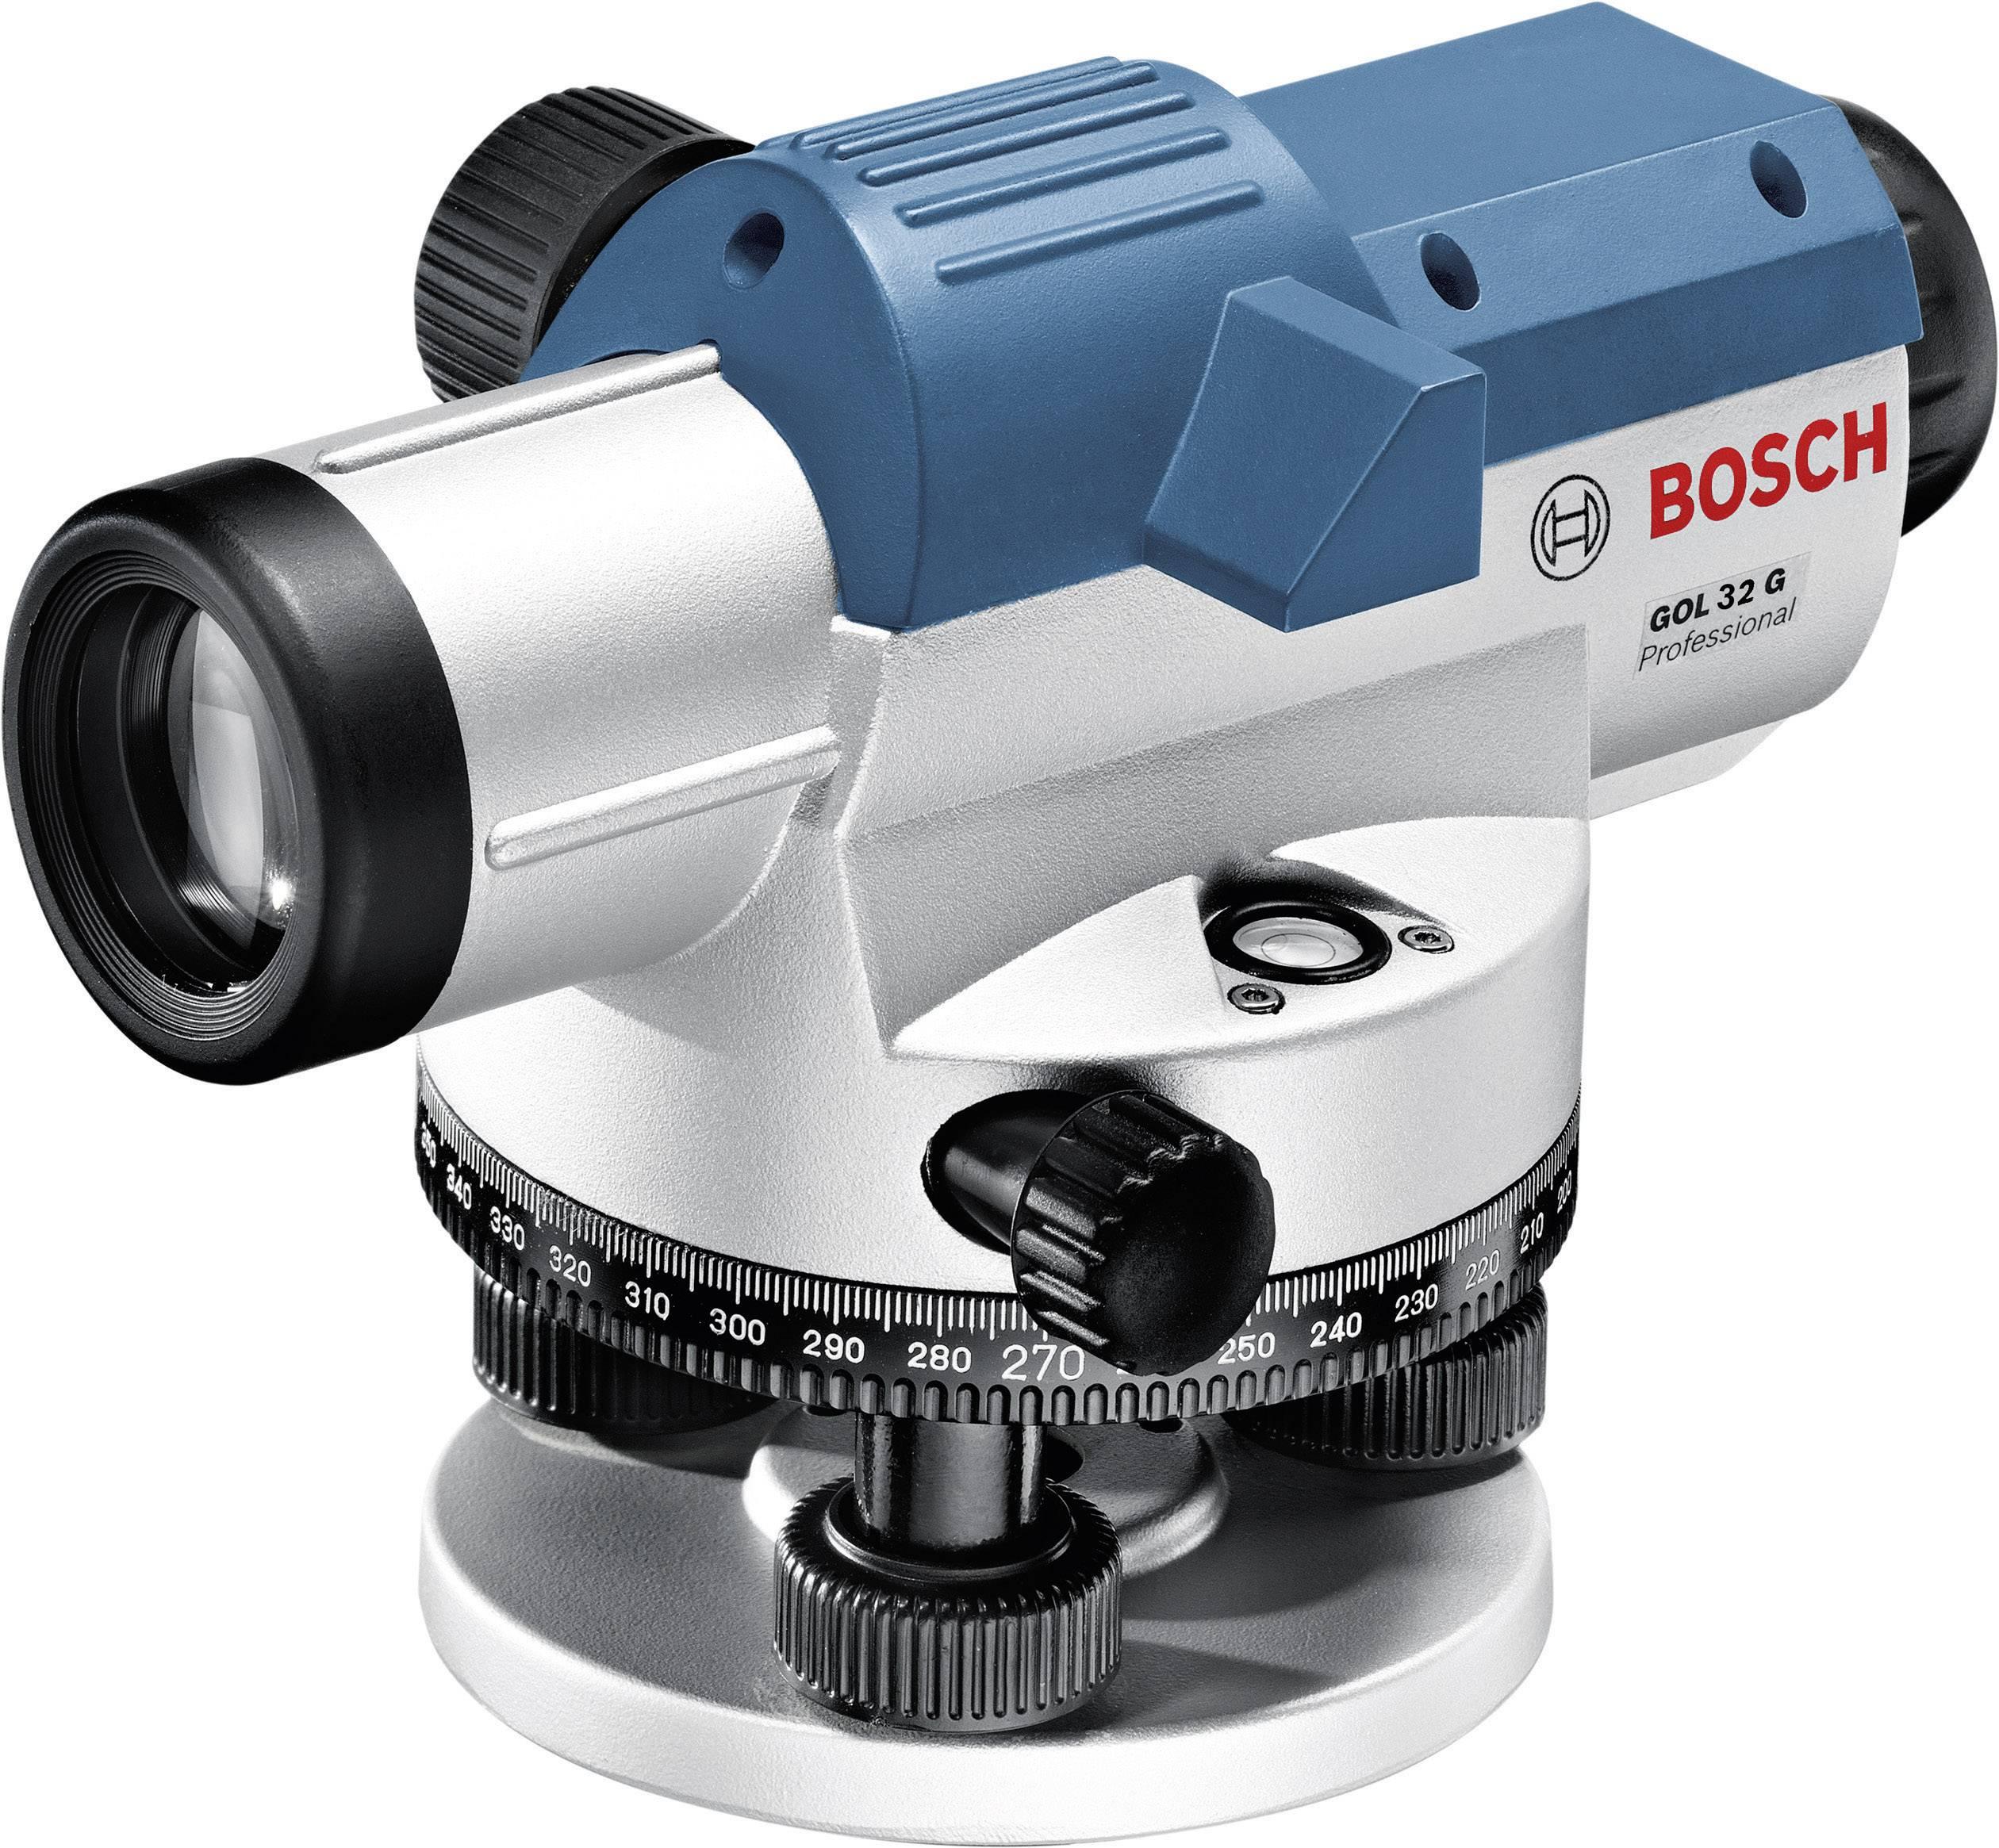 Optický nivelační přístroj Bosch Professional GOL 32 G, dosah (max.): 120 m, optické zvětšení 32 x